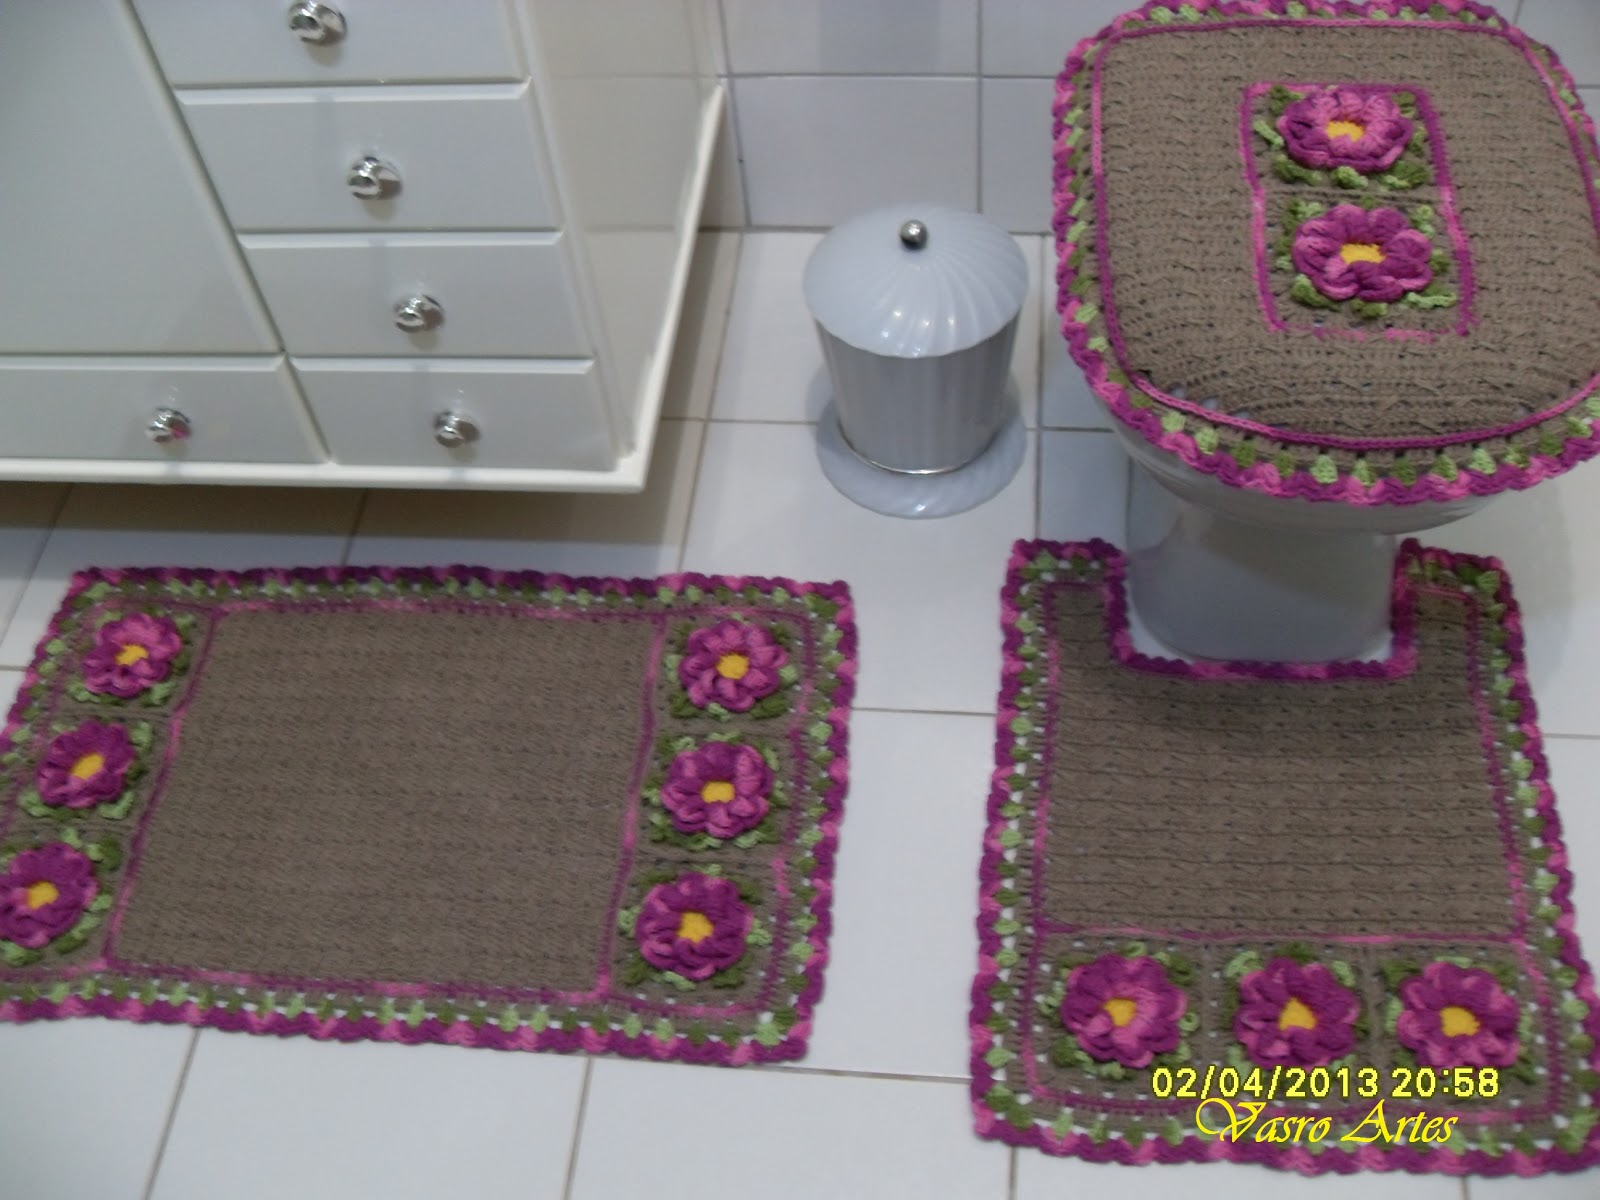 Vasro Artes: Jogo de Banheiro em Crochê Jardim Secreto #7D3A63 1600 1200